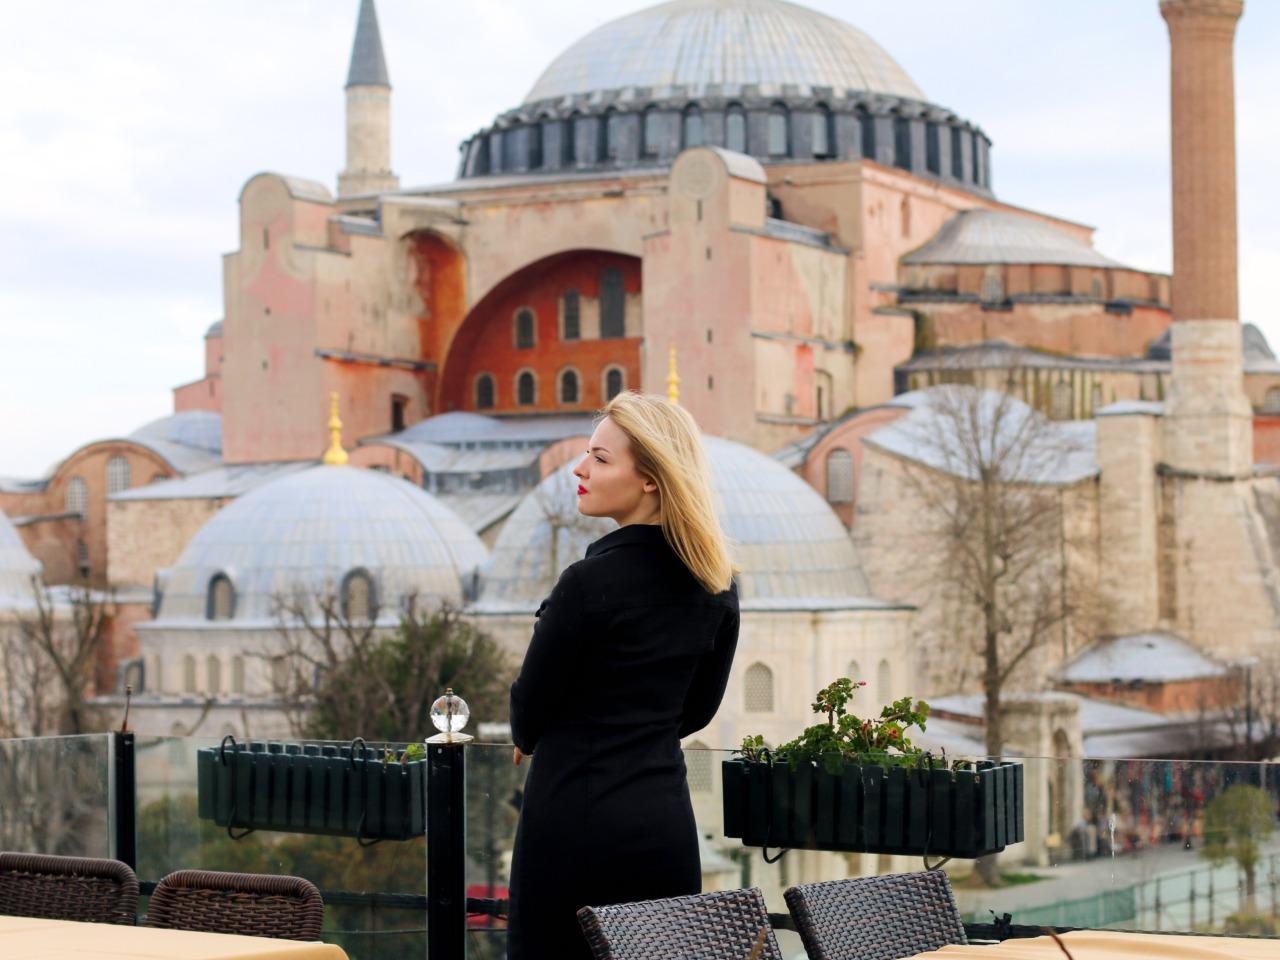 Фотосессия в историческом центре - индивидуальная экскурсия в Стамбуле от опытного гида